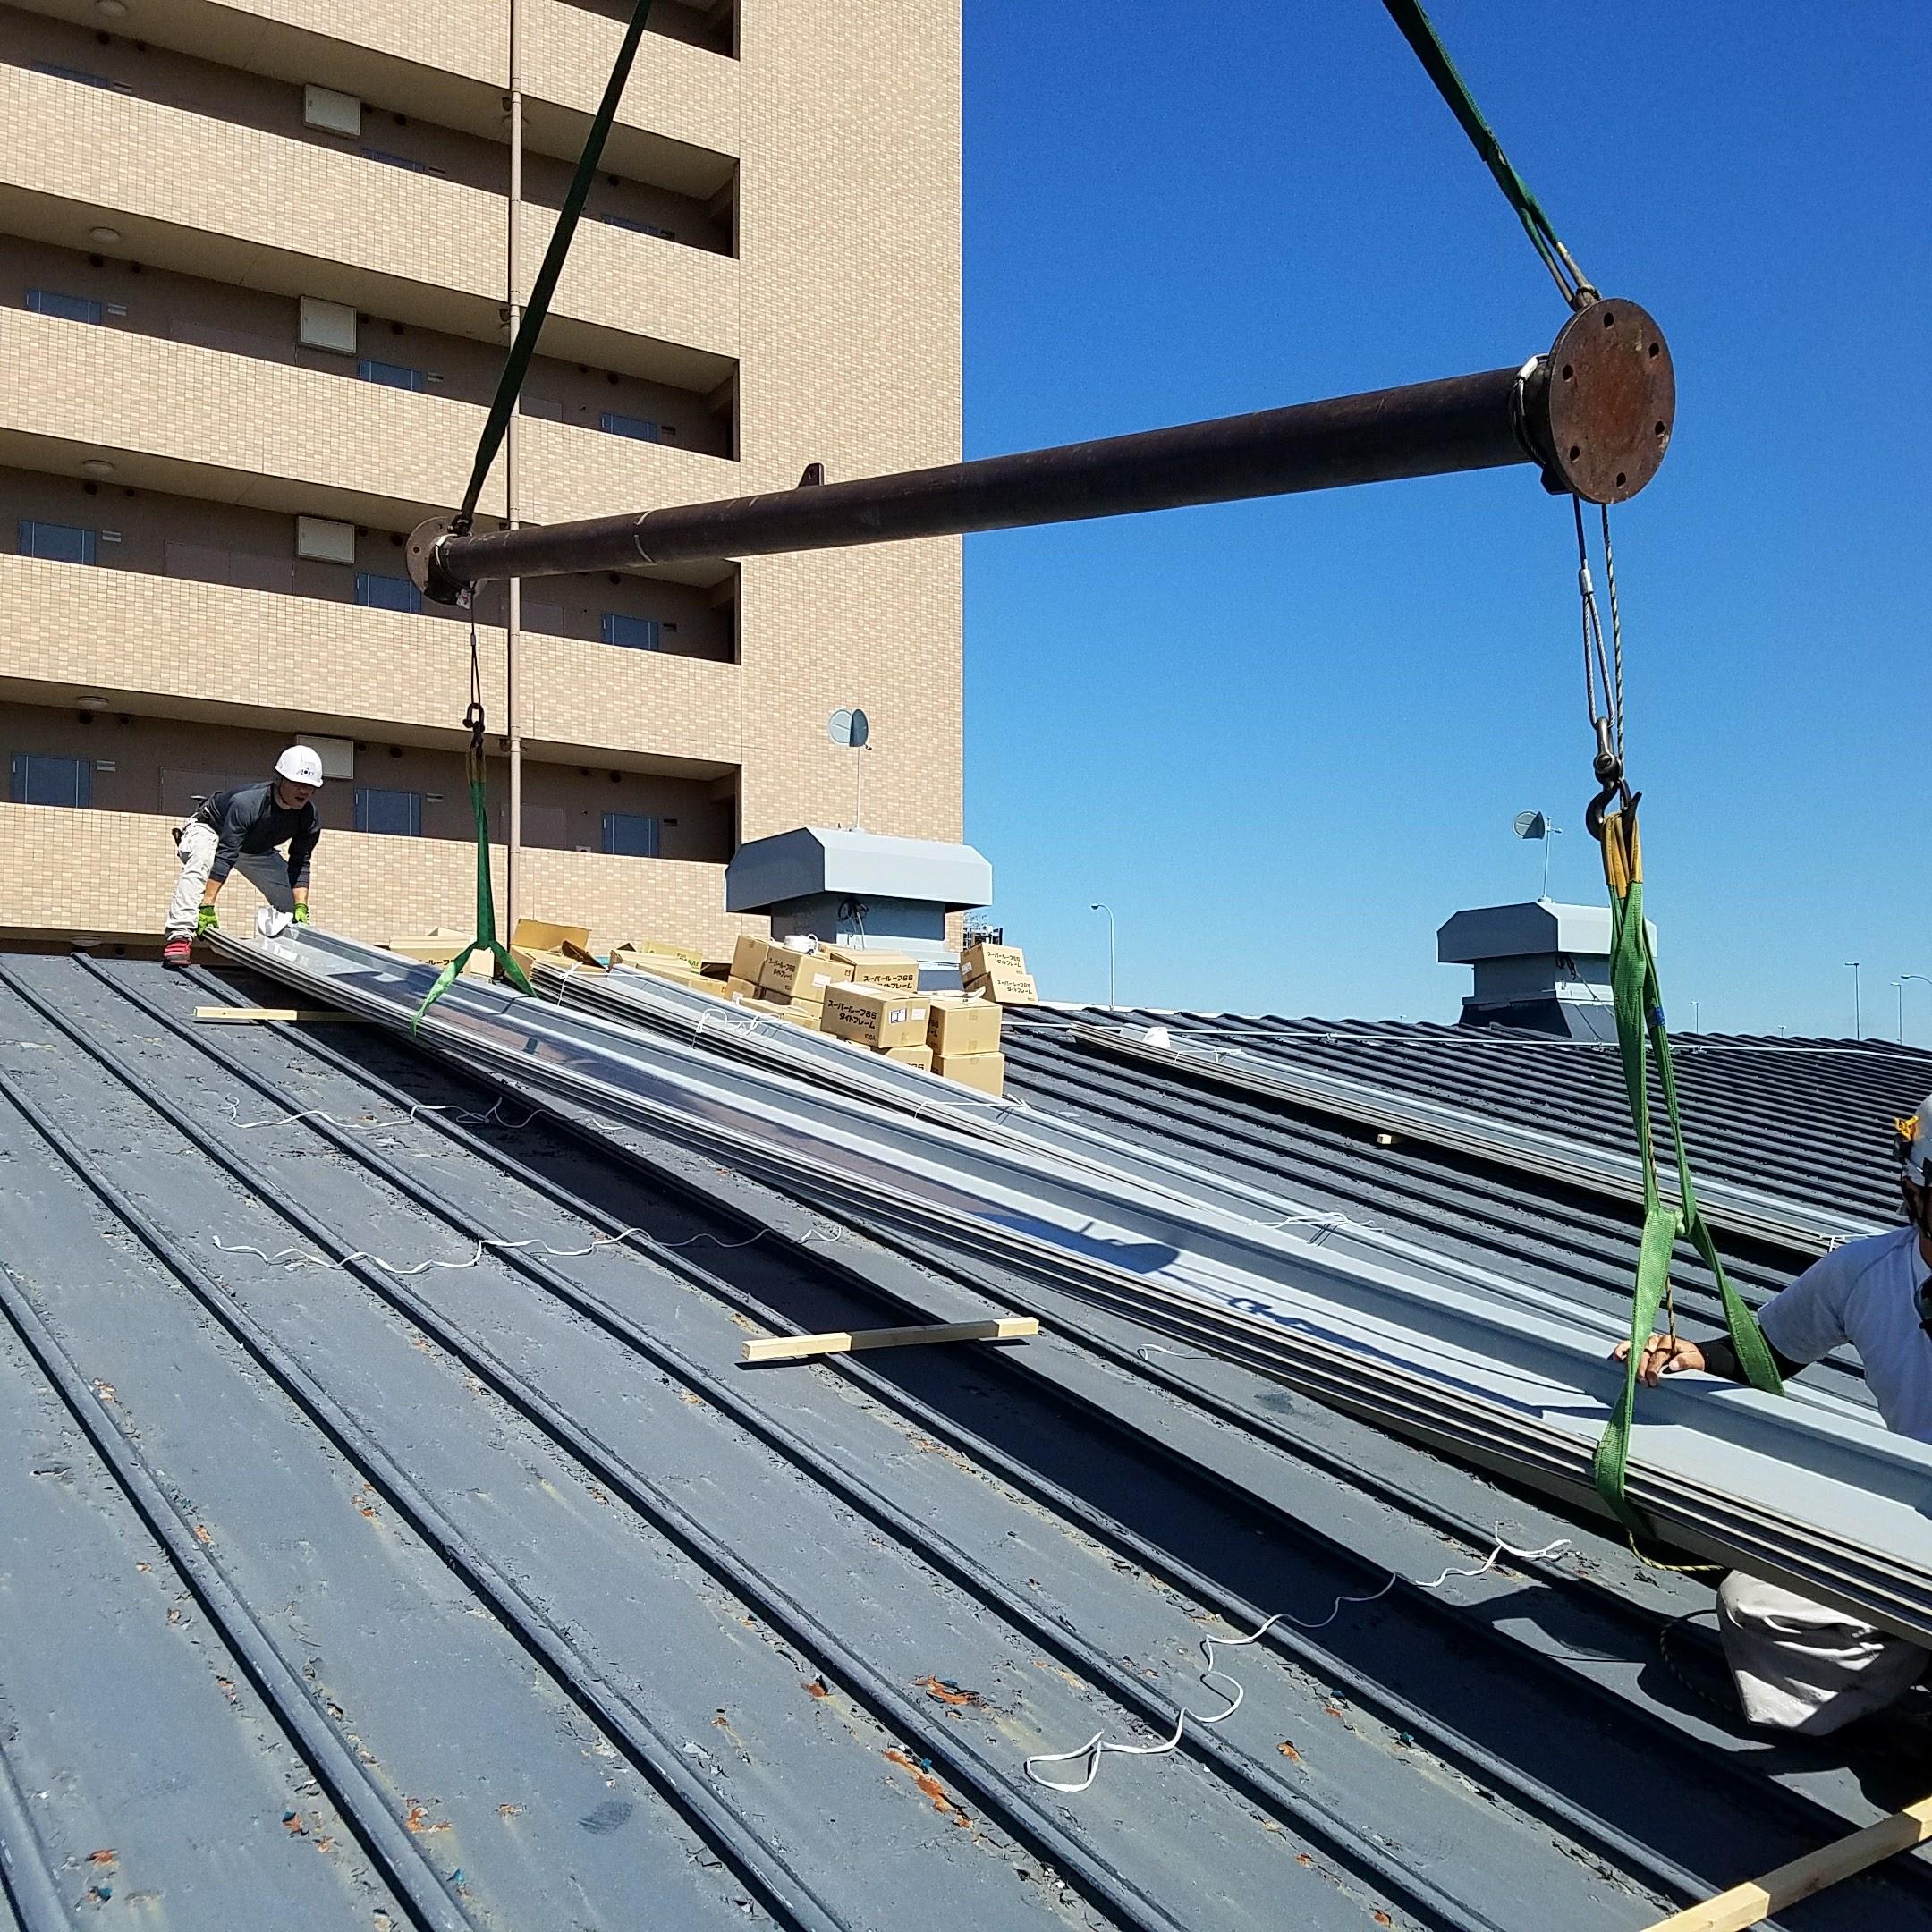 大型倉庫瓦棒屋根カバー工法工事